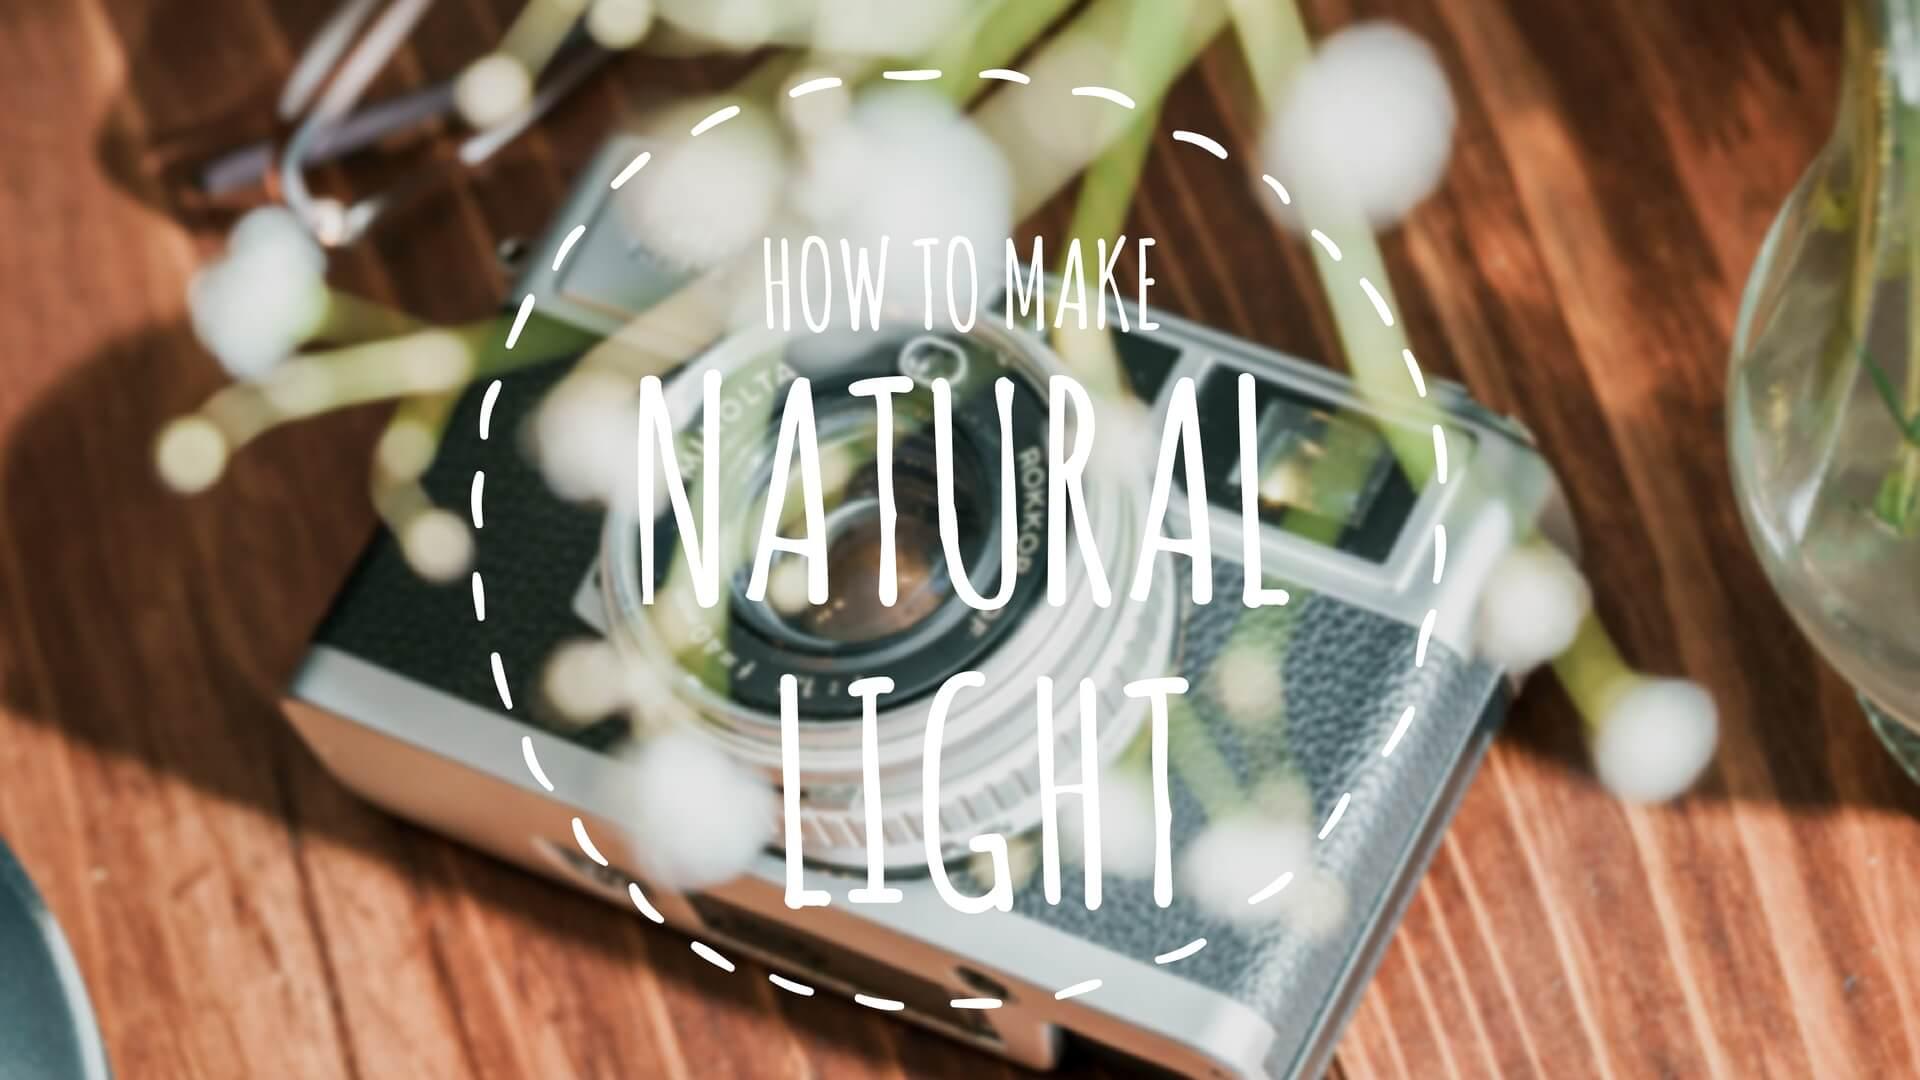 室内の物撮りでもストロボを使って自然光みたいな光を再現してみる。